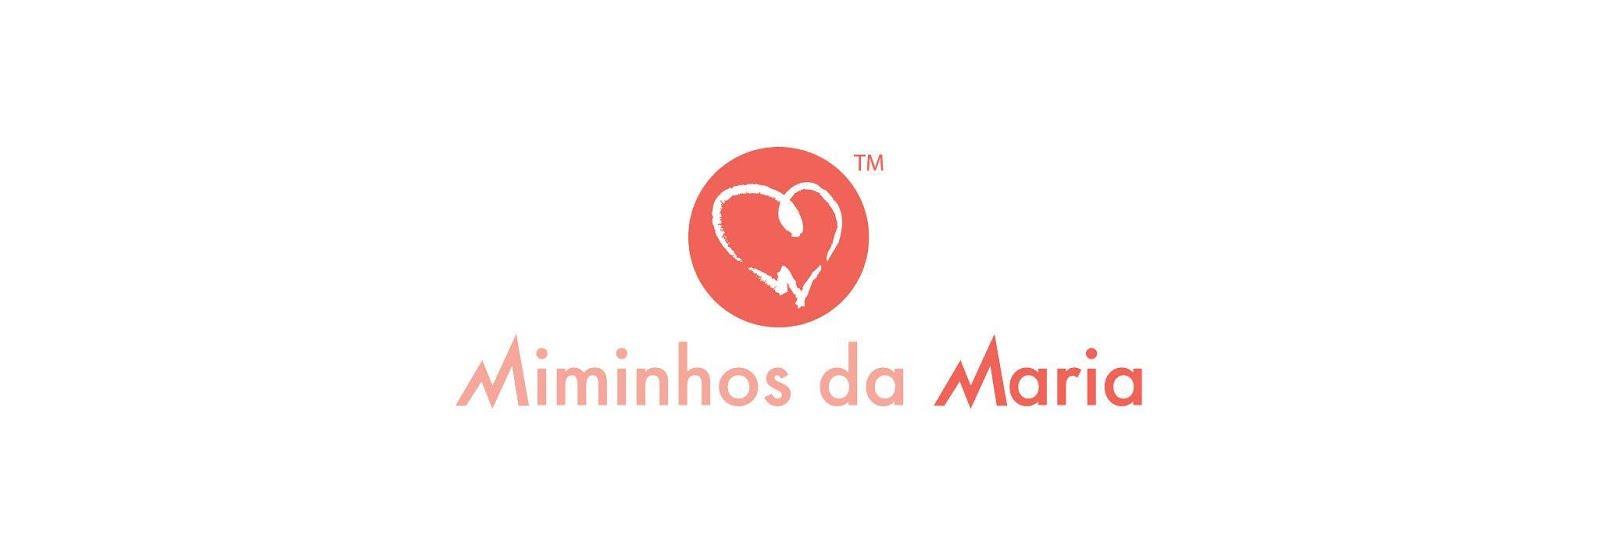 MIMINHOS DA MARIA